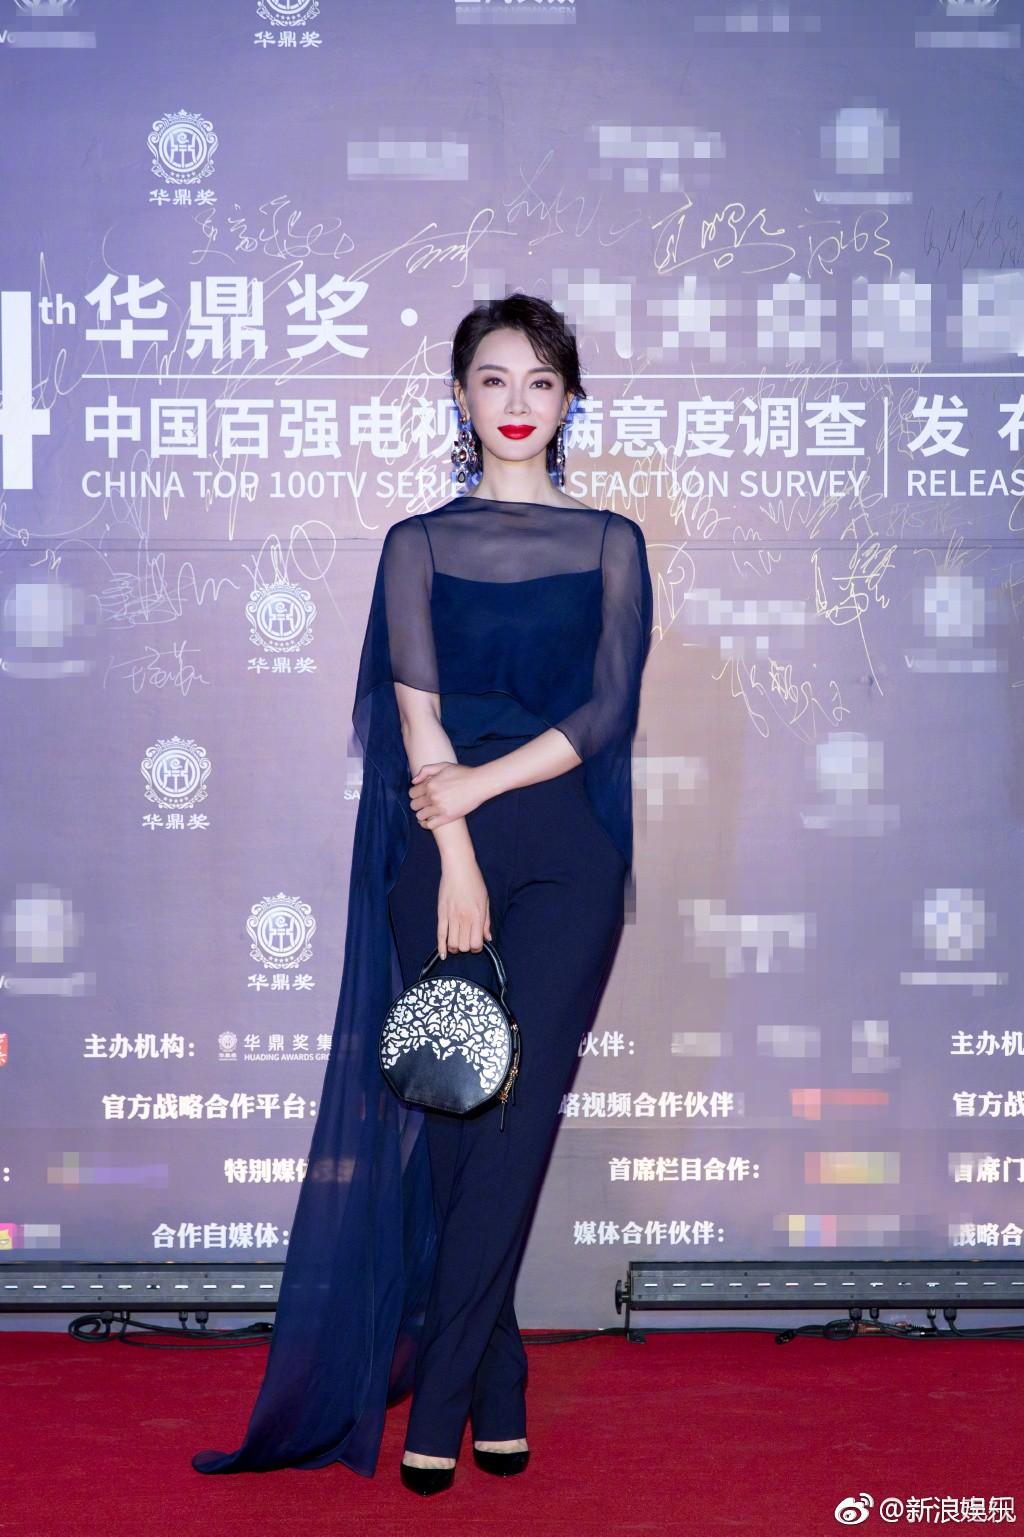 Thảm đỏ Hoa Đỉnh: Hoa hậu Hong Kong diện đầm xuyên thấu khoe body, Ngô Cẩn Ngôn bánh bèo với váy xẻ sâu - Ảnh 5.